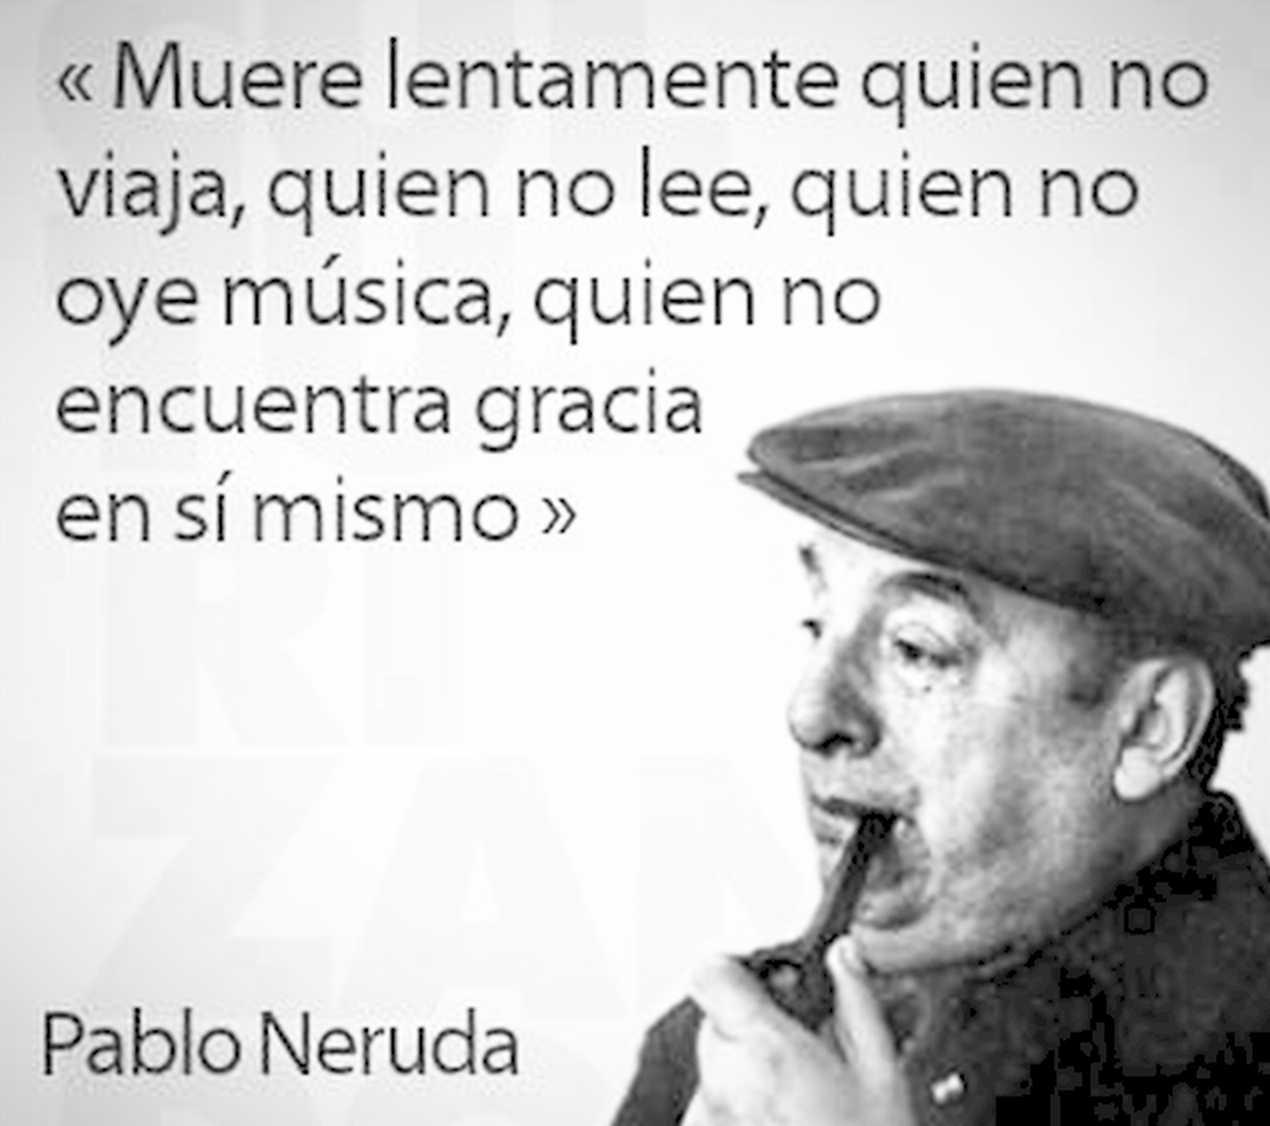 pablo neruda 爱词霸权威在线词典,为您提供pablo_neruda的中文意思,pablo_neruda的用法讲解,pablo_neruda的读音,pablo_neruda的同义词,pablo_neruda的反义词,pablo_neruda的例句等.